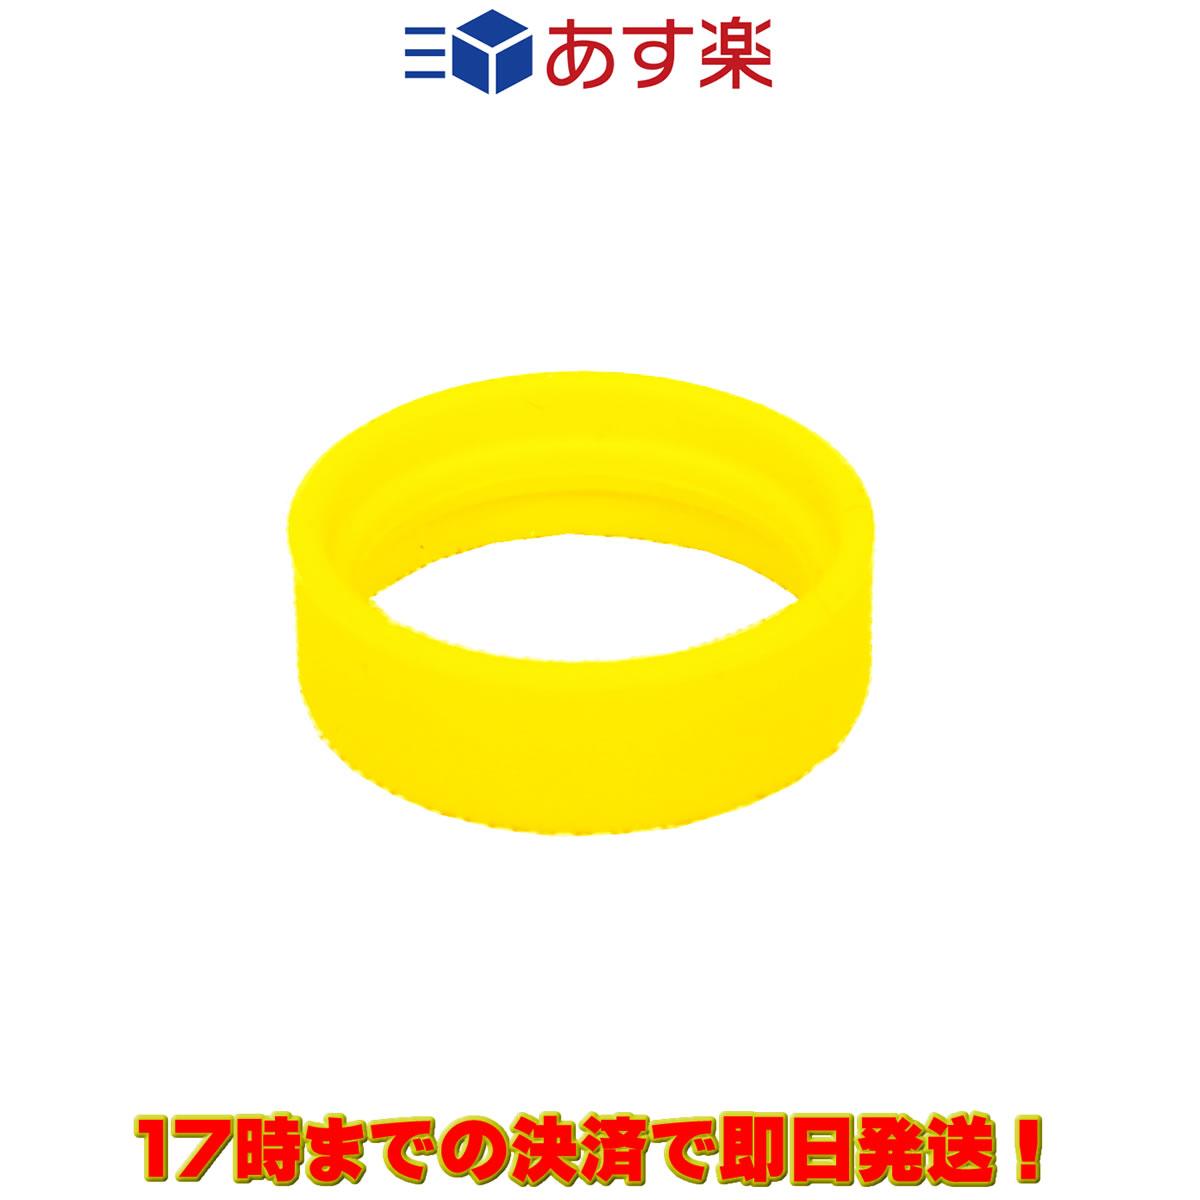 【ラッキーシール対応】 ANTENNA BAND YELLOW S8003163 FTH-615/615L/635用 1個